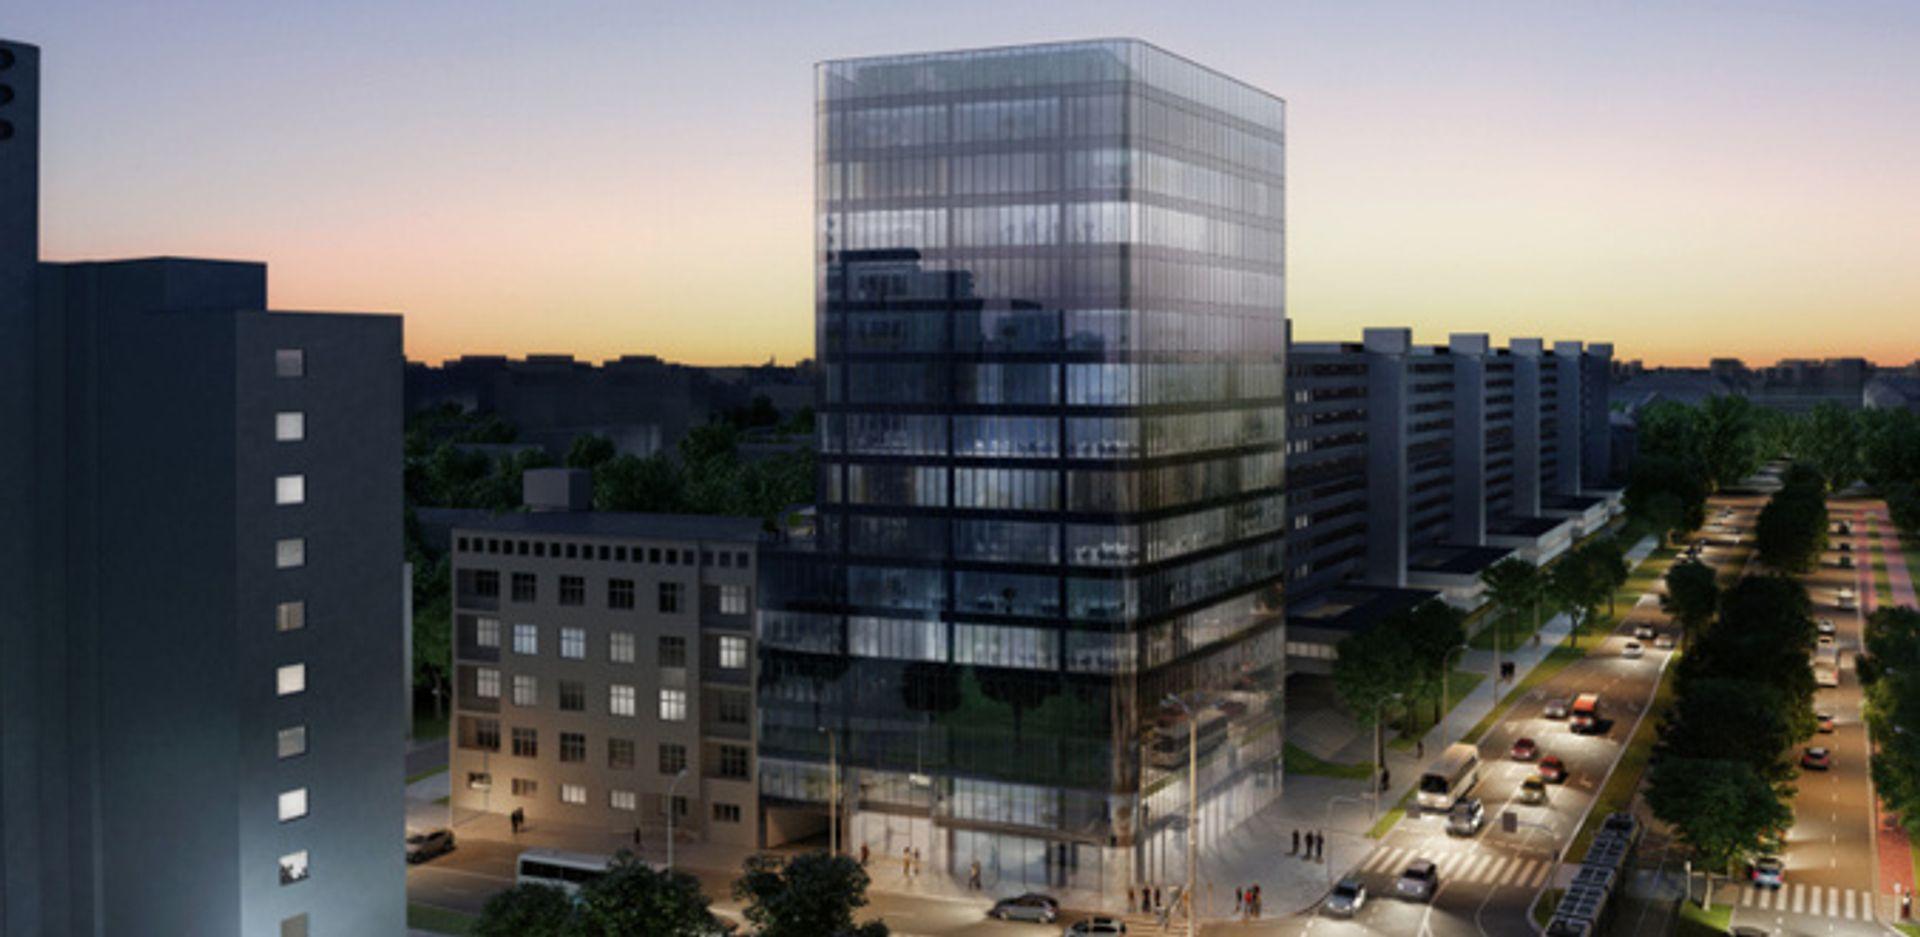 [Wrocław] Naprzeciwko Sky Tower stanie 14-piętrowy biurowiec. Tak ma wyglądać [WIZUALIZACJE]